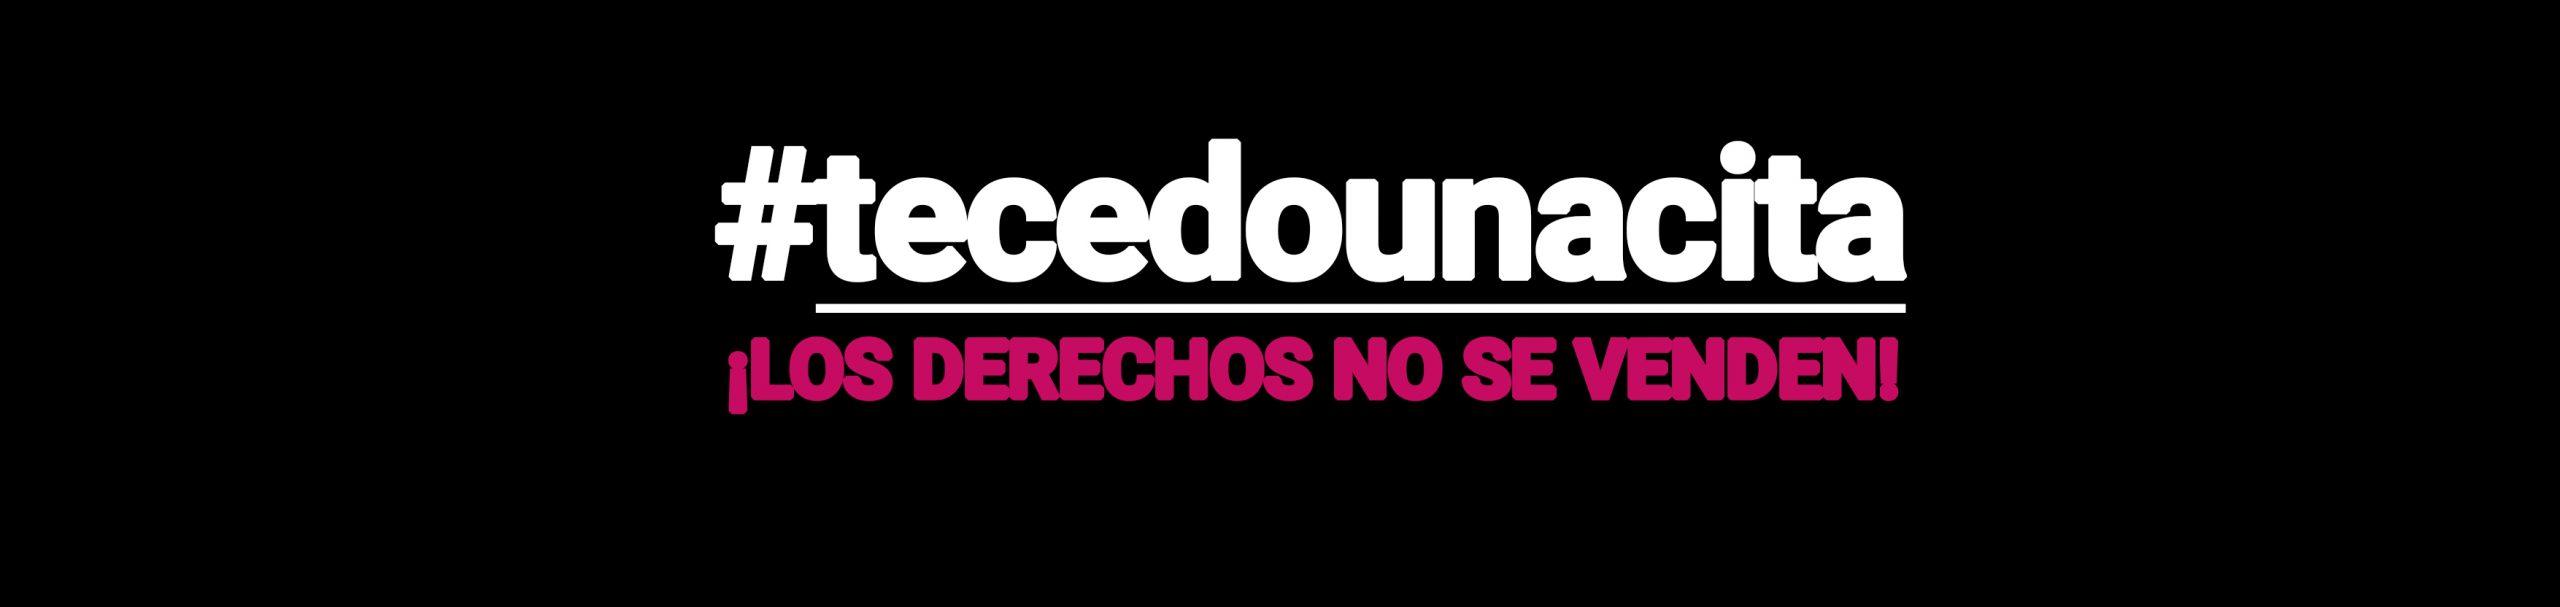 tecedounacita4